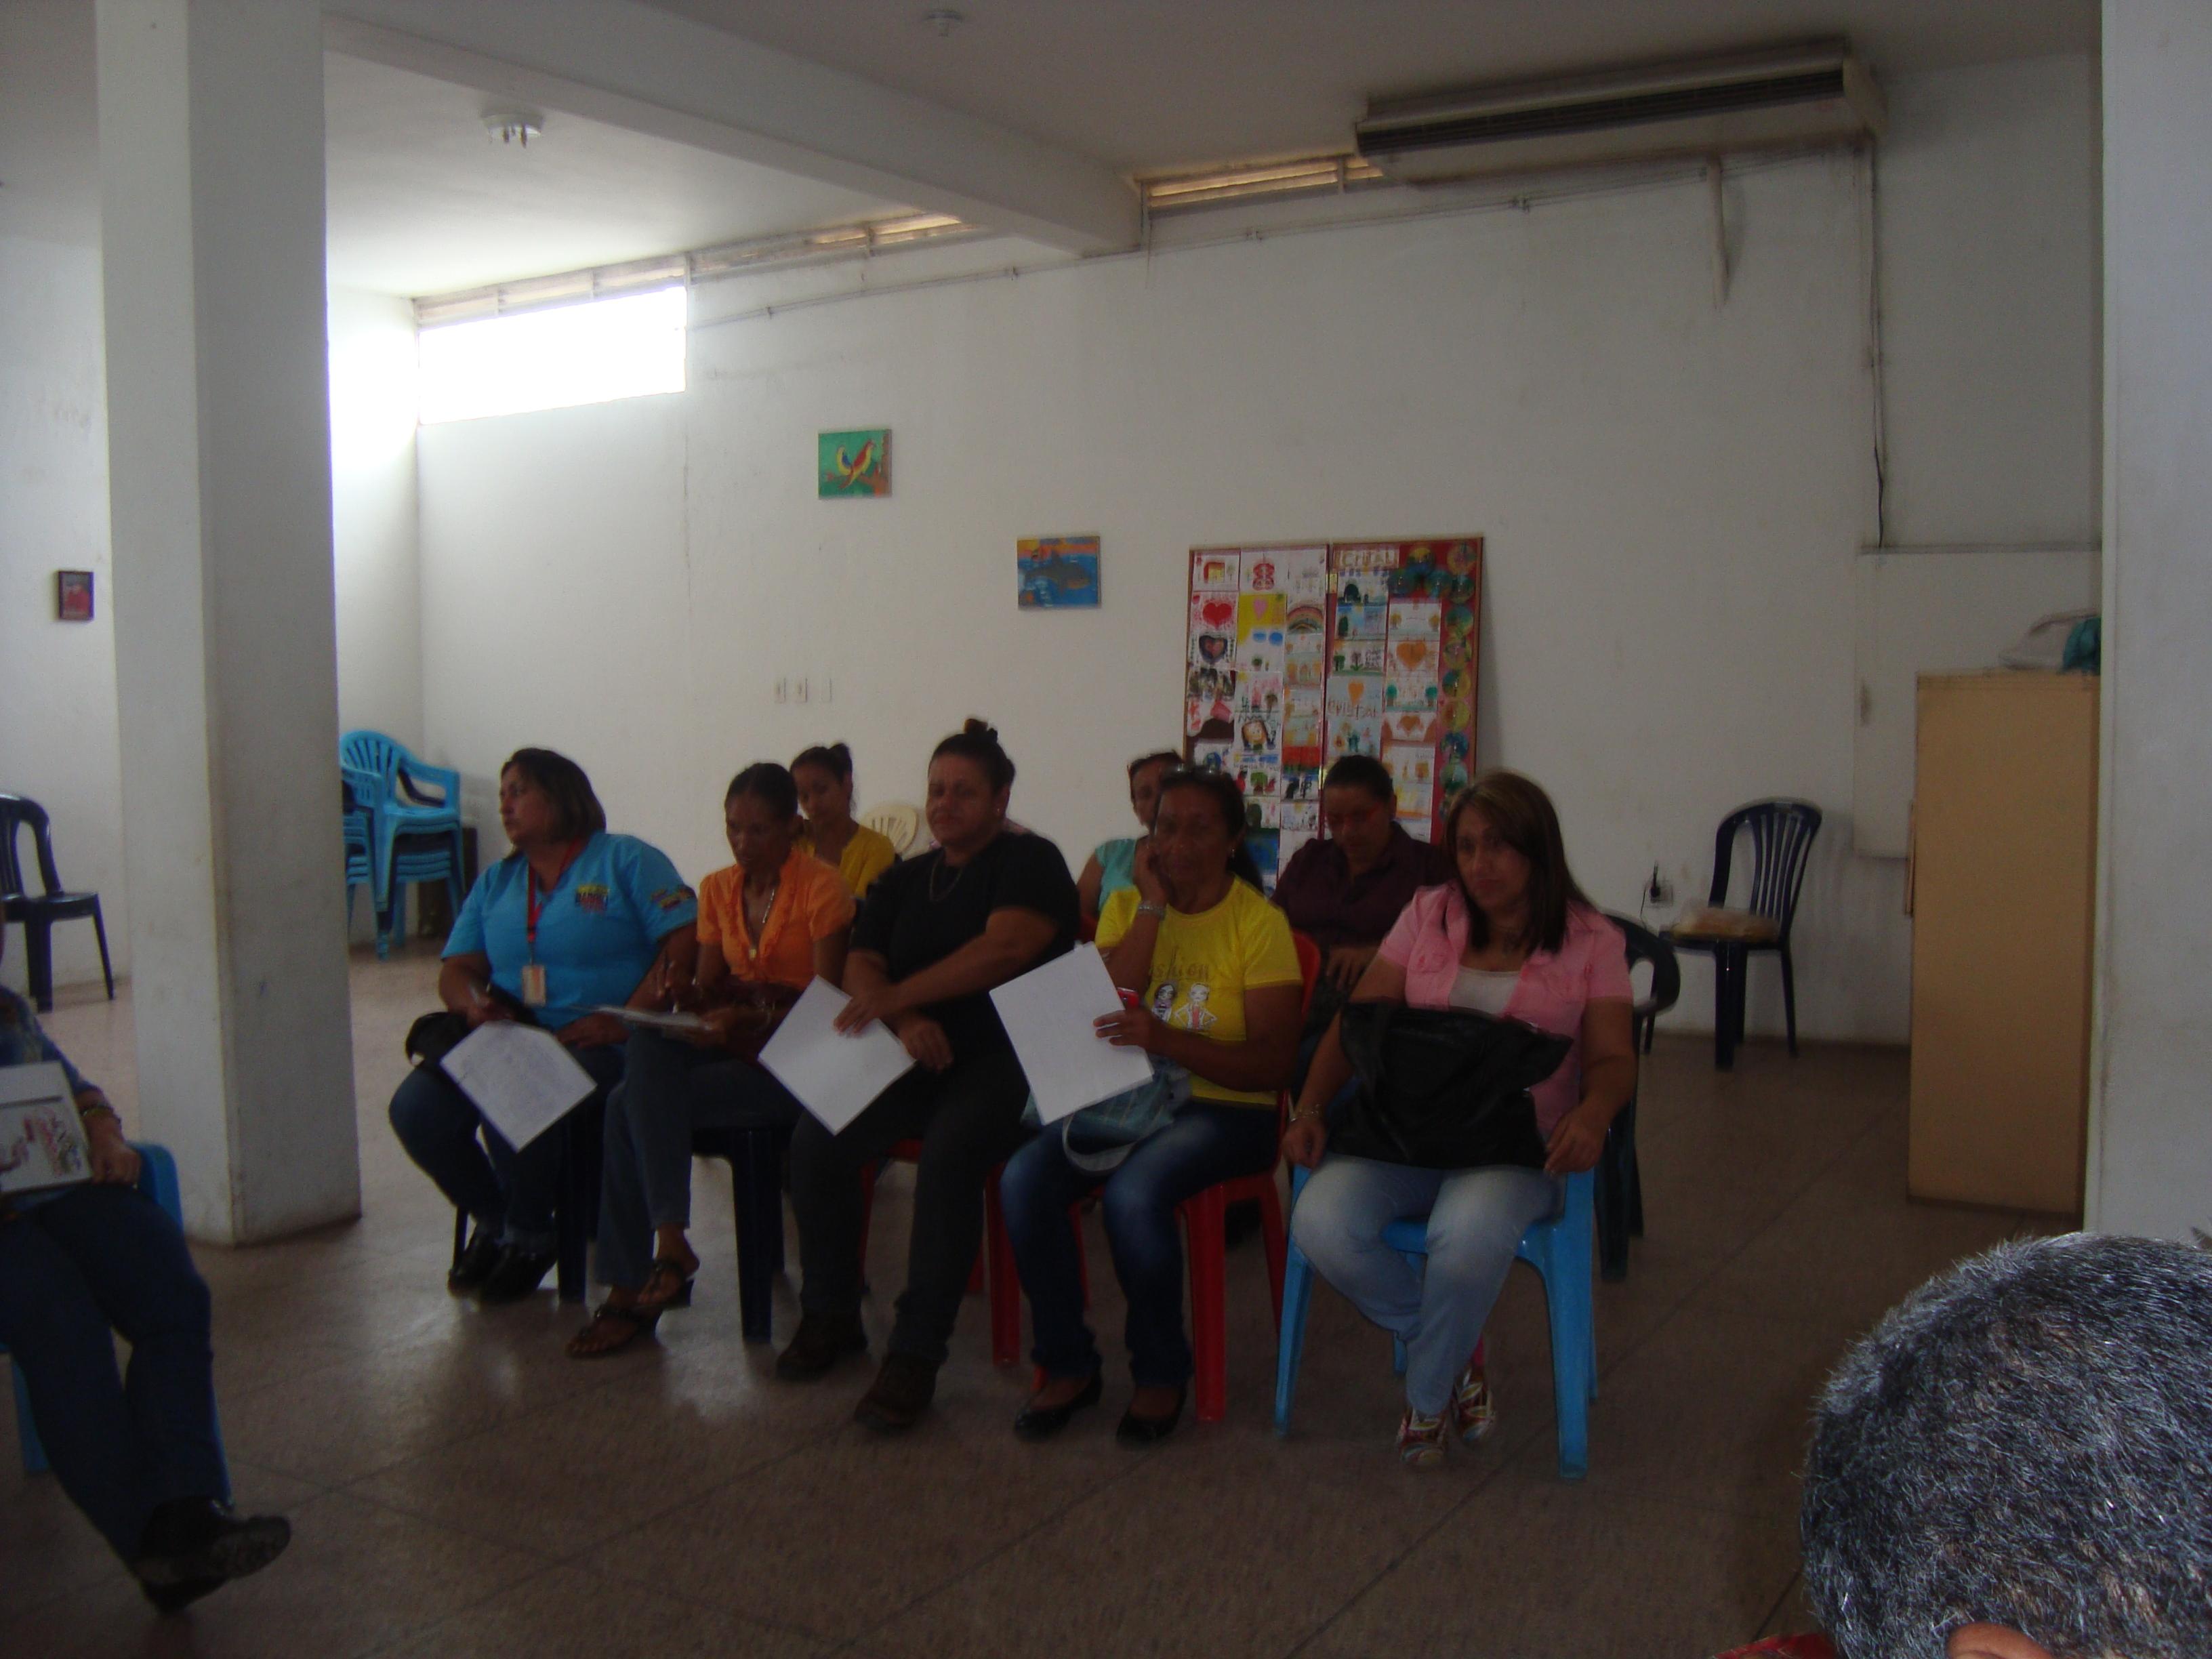 la finalidad es la organización de los gestores sociales, de crear un Frente Socialista de Gestores Sociales,